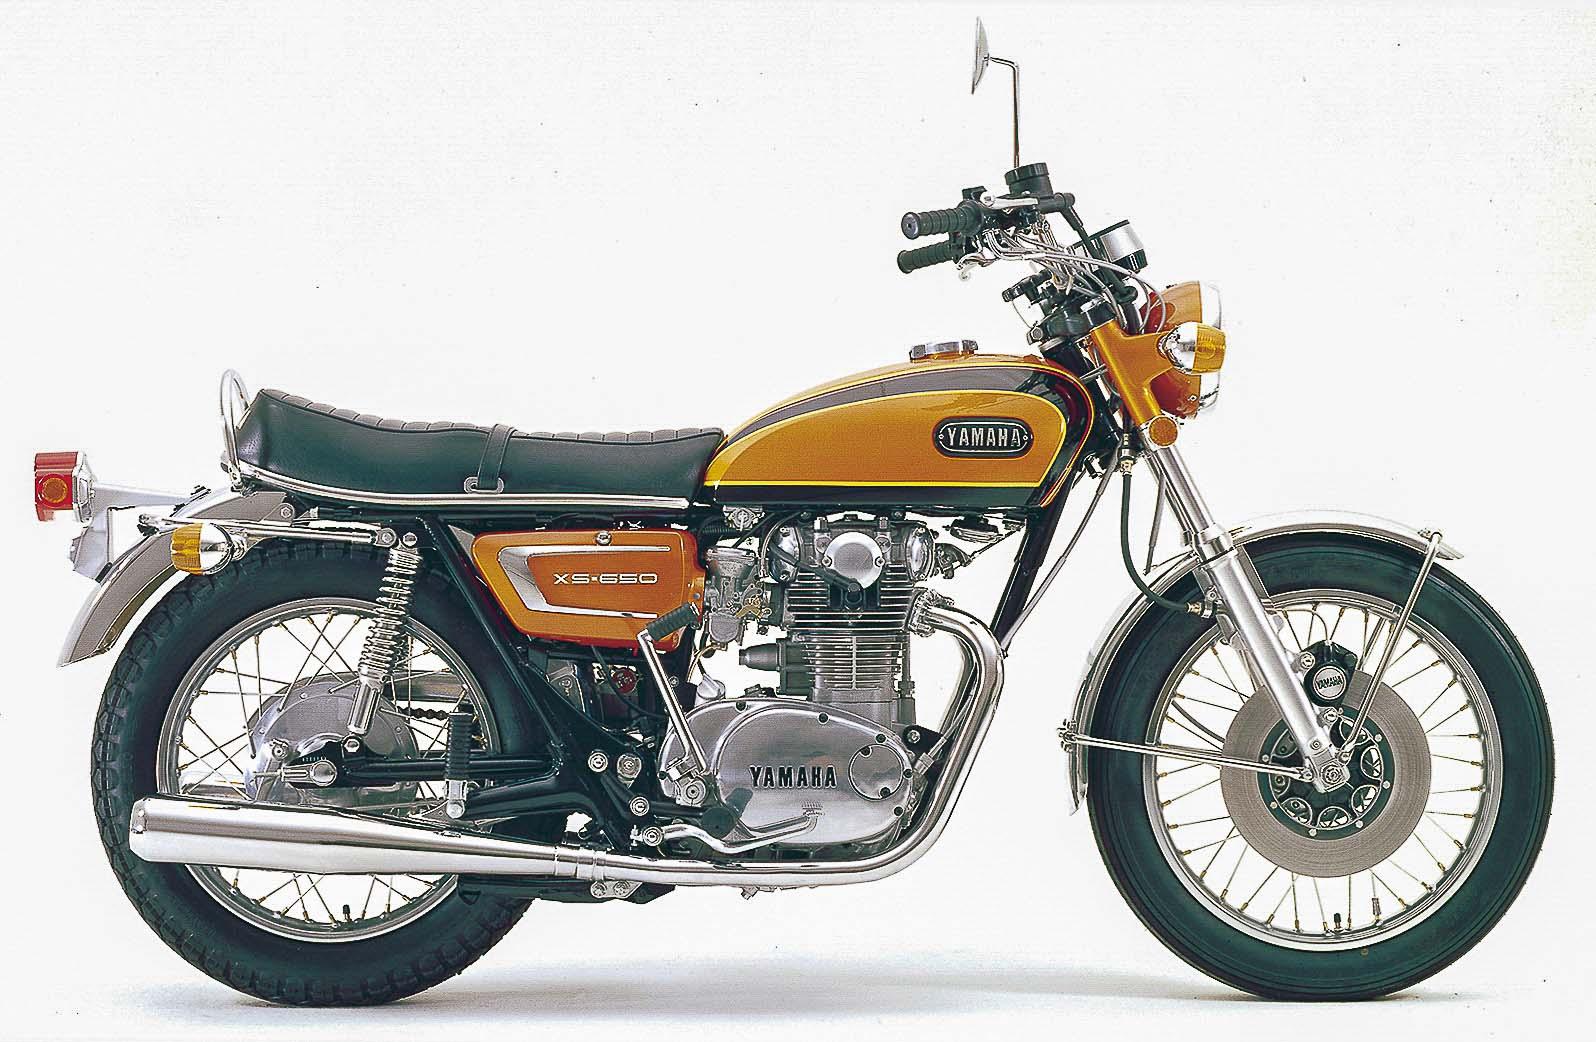 YAMAHA XS1 / XS2 (1969 - 1973)